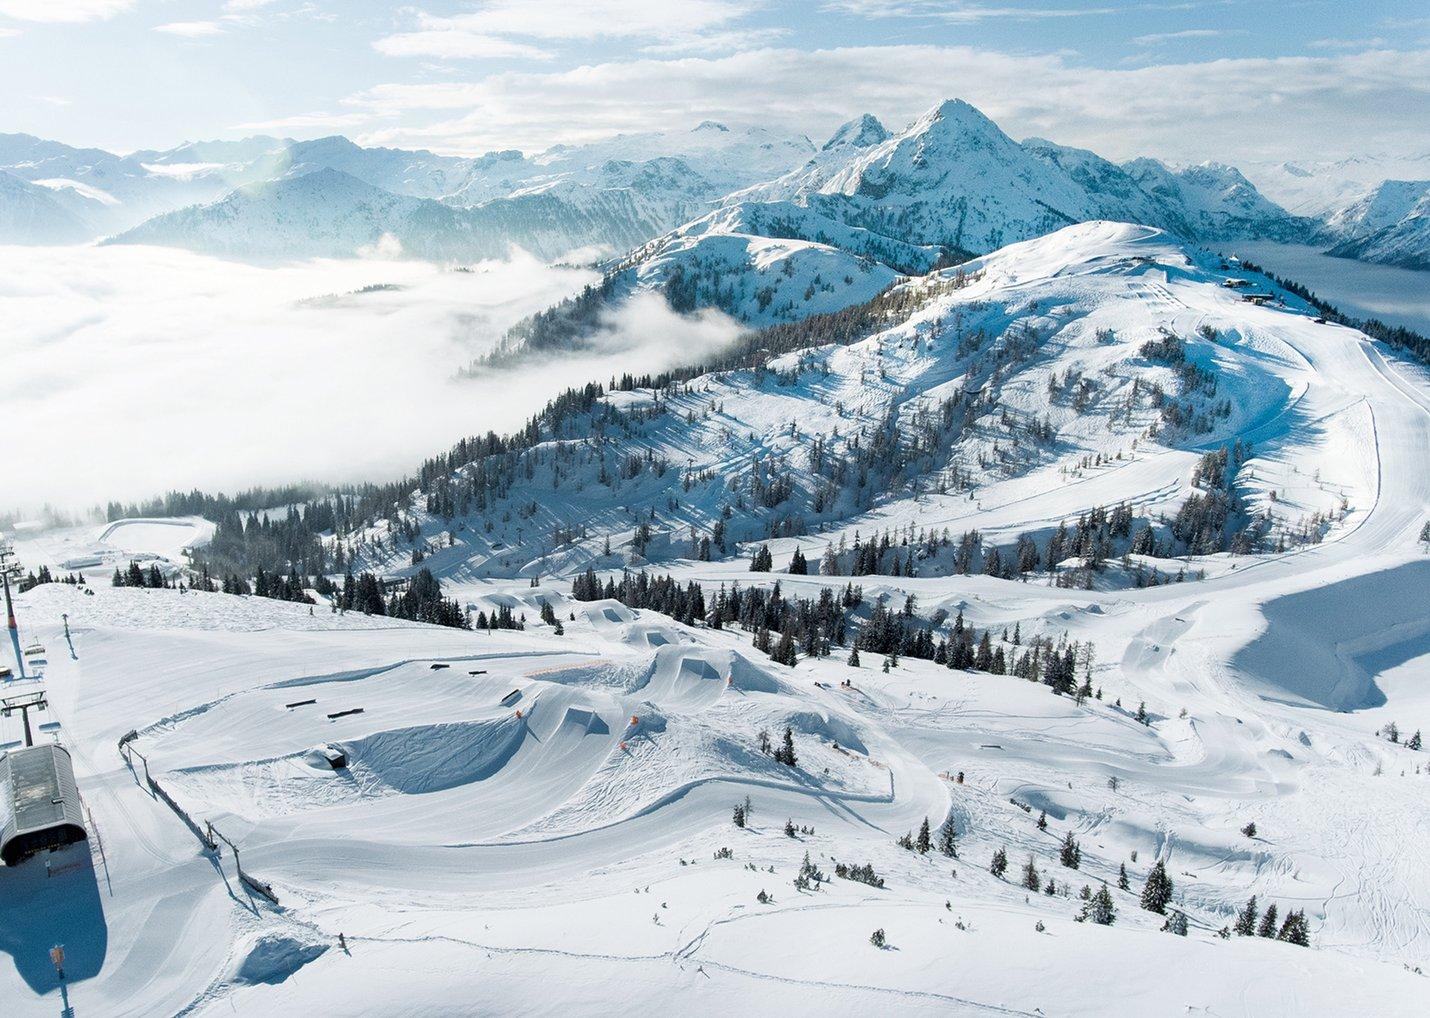 Skifahren in Flachau Winterurlaub in der Ski amadé im Salzburger Land